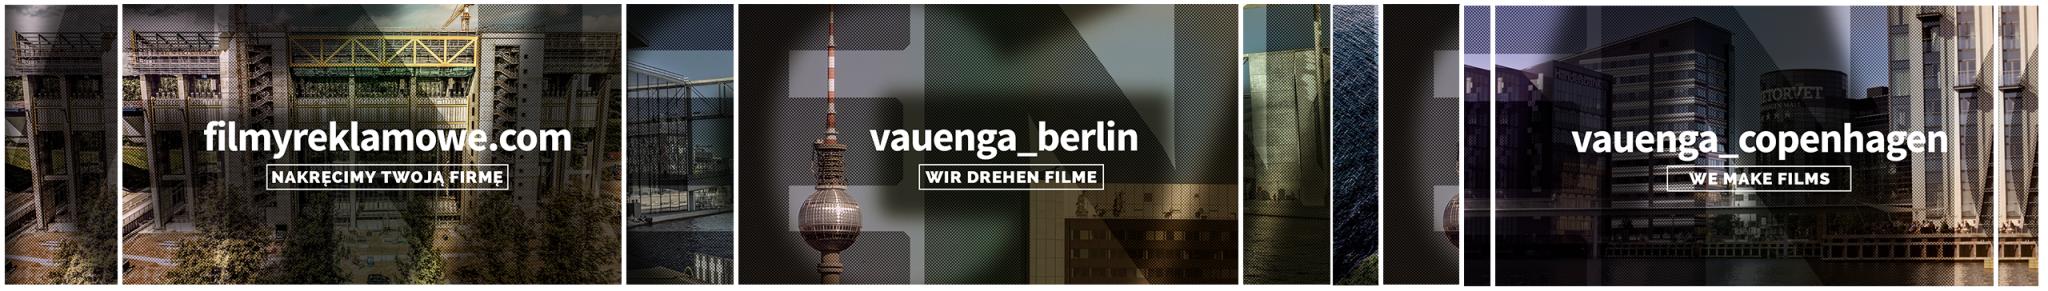 Warszawa Film Produkcja | Film reklamowy, promocyjny, korporacyjny, szkoleniowy. Filmowanie firm (business video)